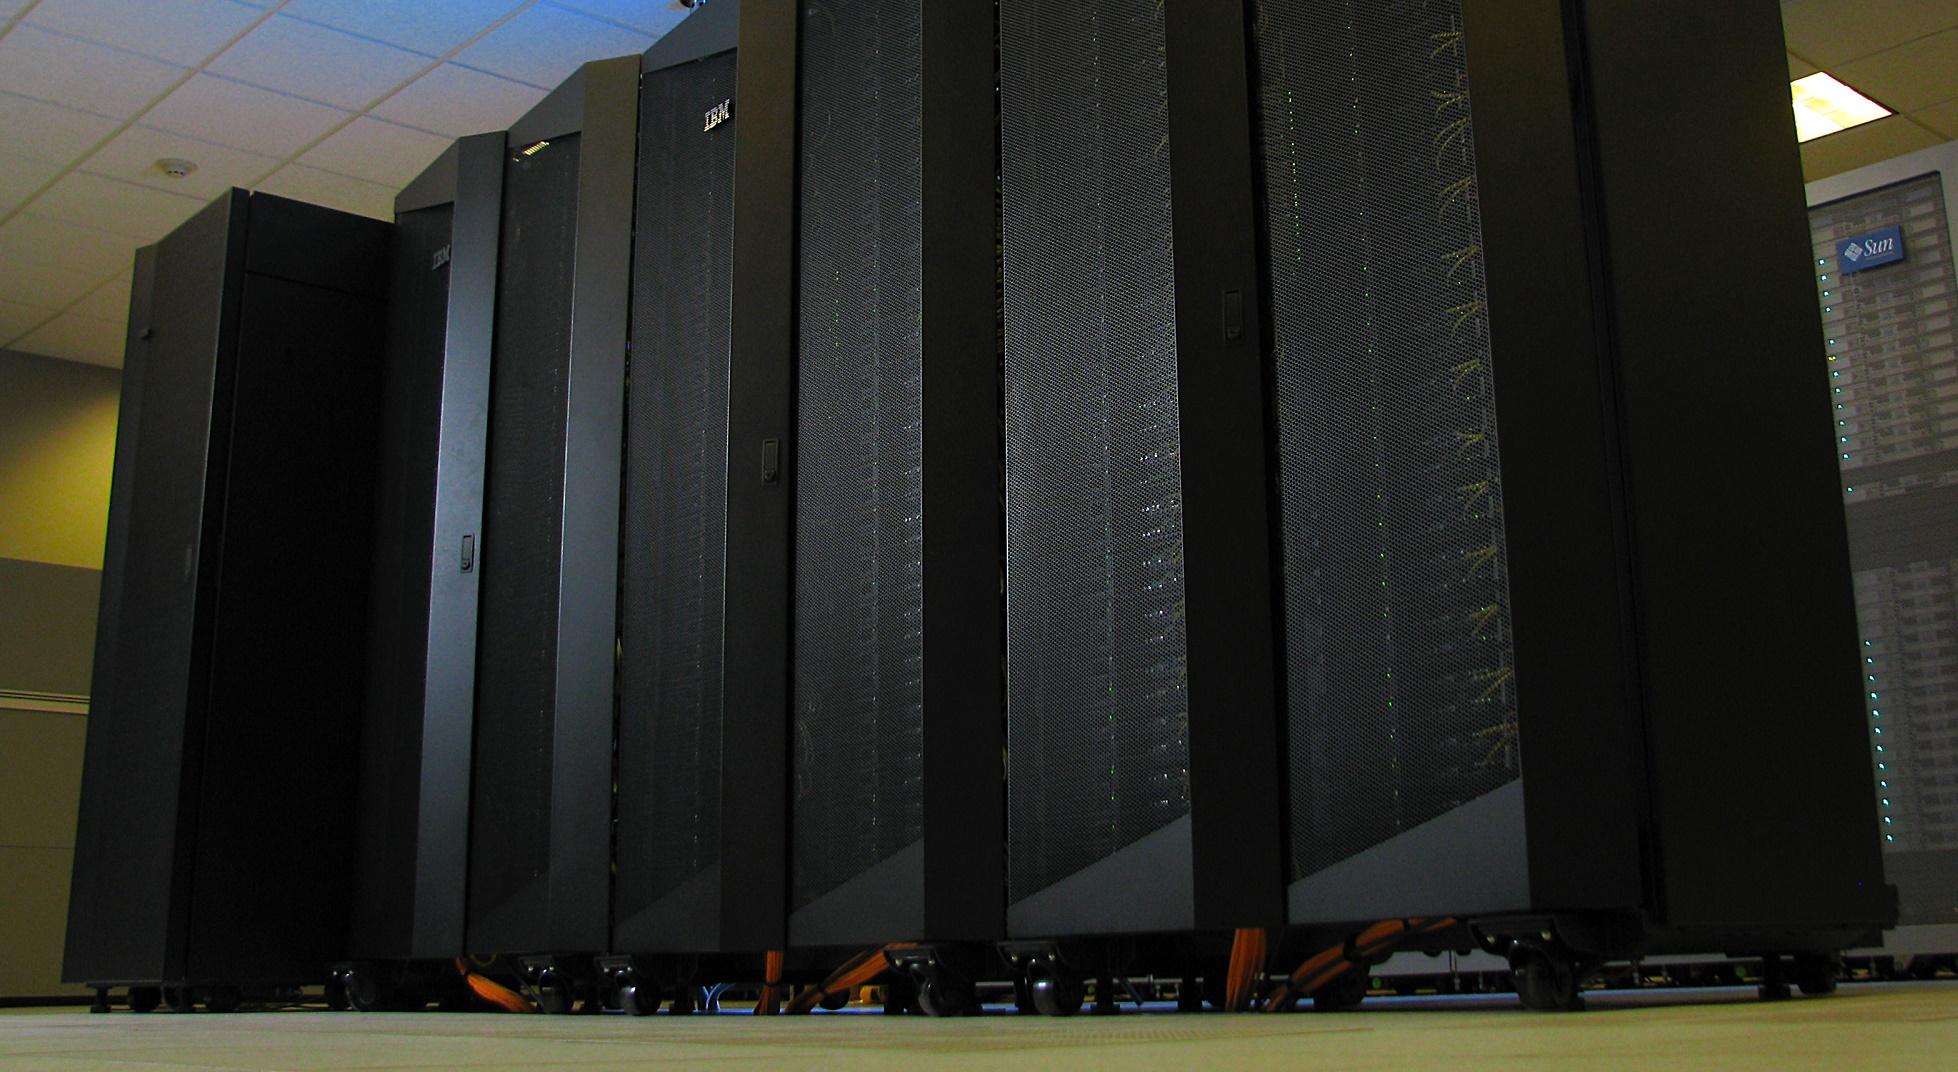 Los chips más rápidos de Intel estarán en supercomputadoras en 2016